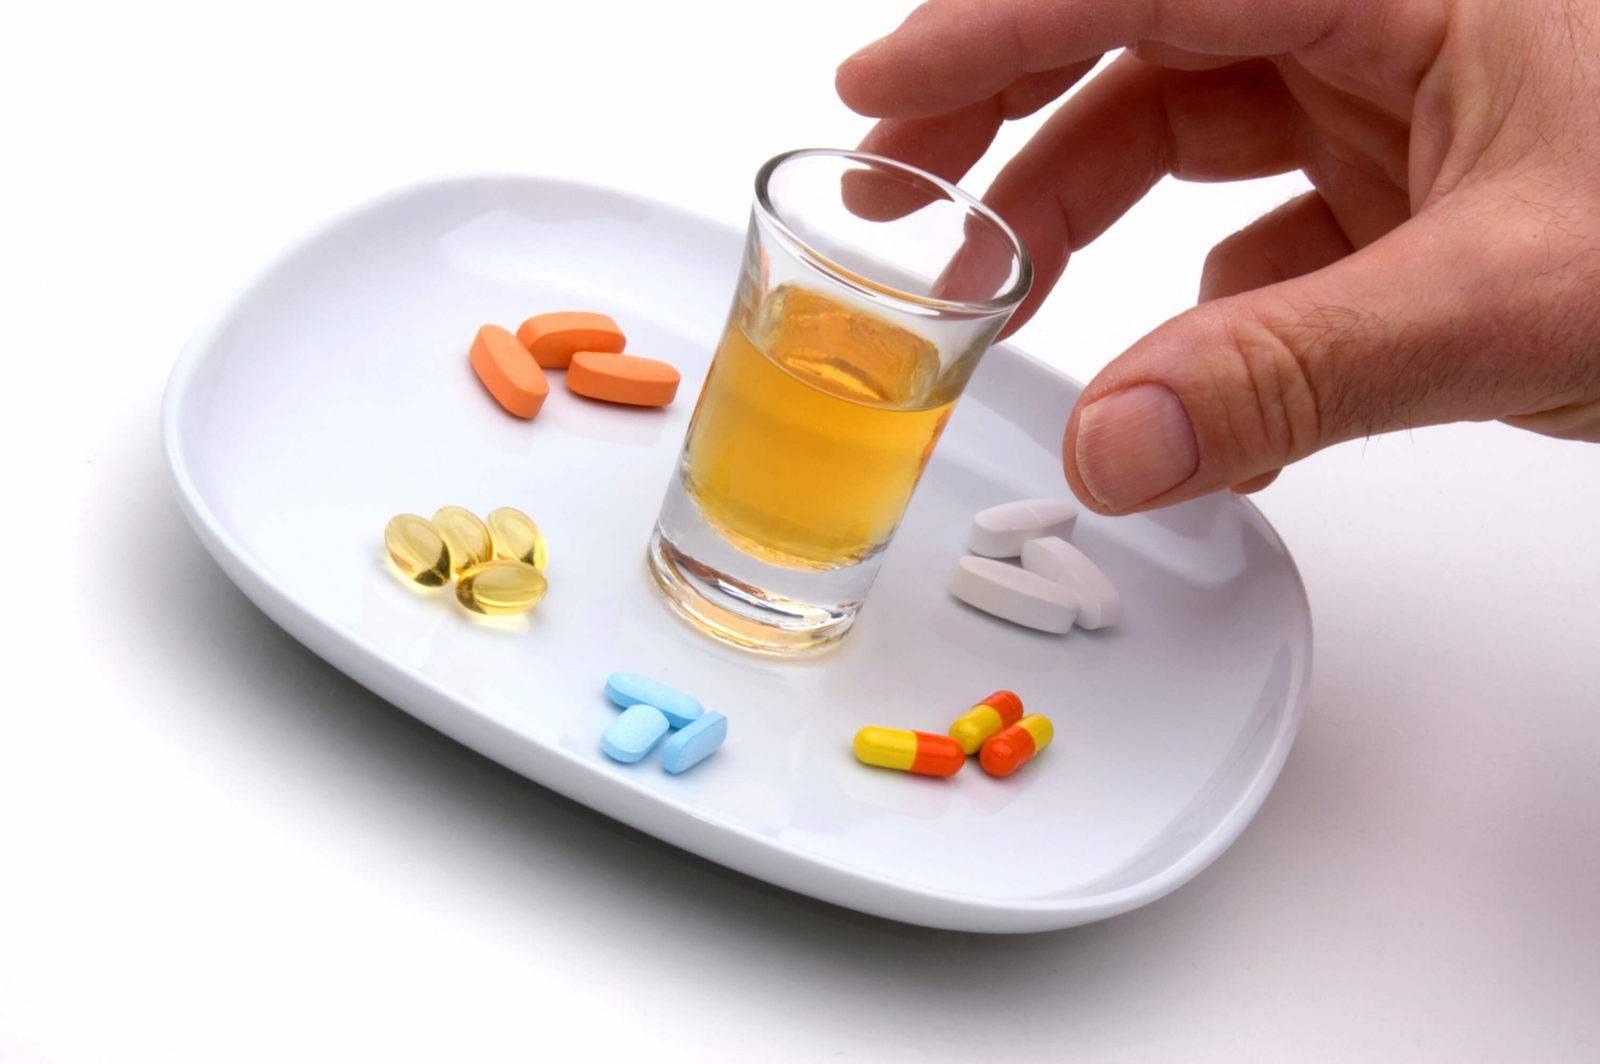 Эксперты назвали продукты, которые нельзя запивать кофе: новости, здоровье, завтрак, кофе, продукты, красота и здоровье